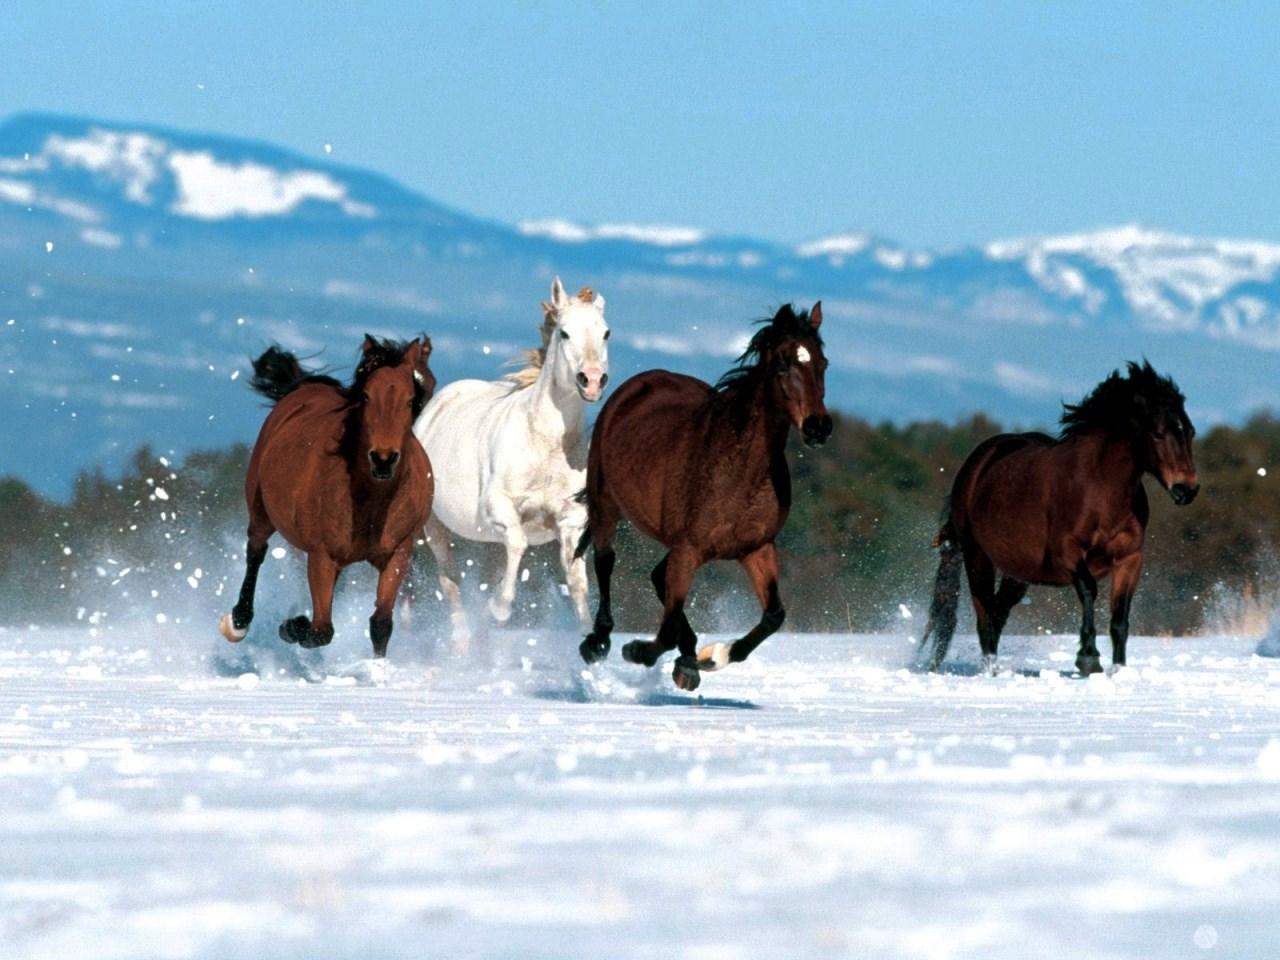 Картинка лошади на новый год нарисованная